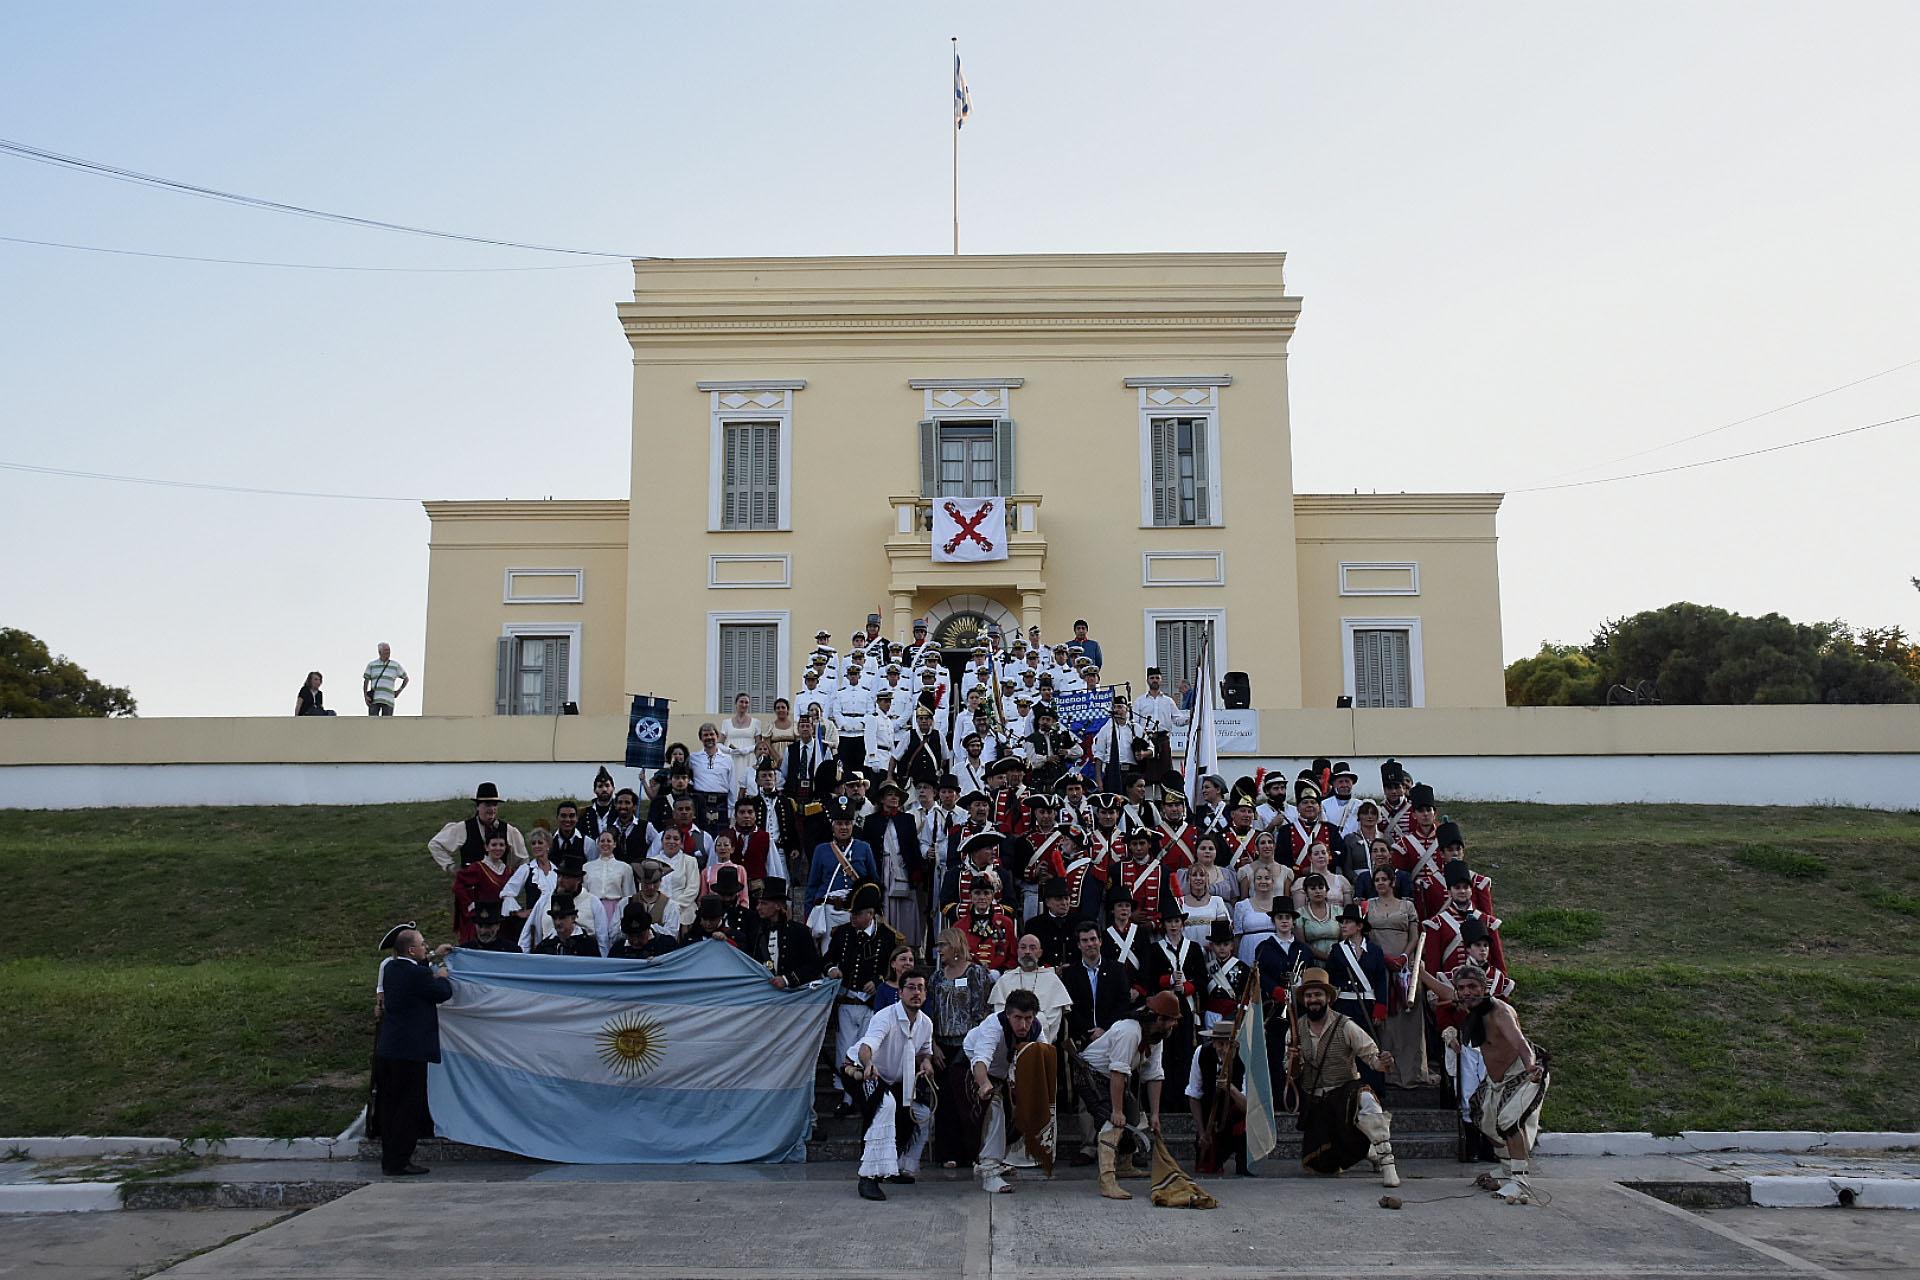 En total, más de 100 actores ataviados con los trajes de la época entraron en accióny recrearon los combates marineros en una la iniciativa que repite año a año